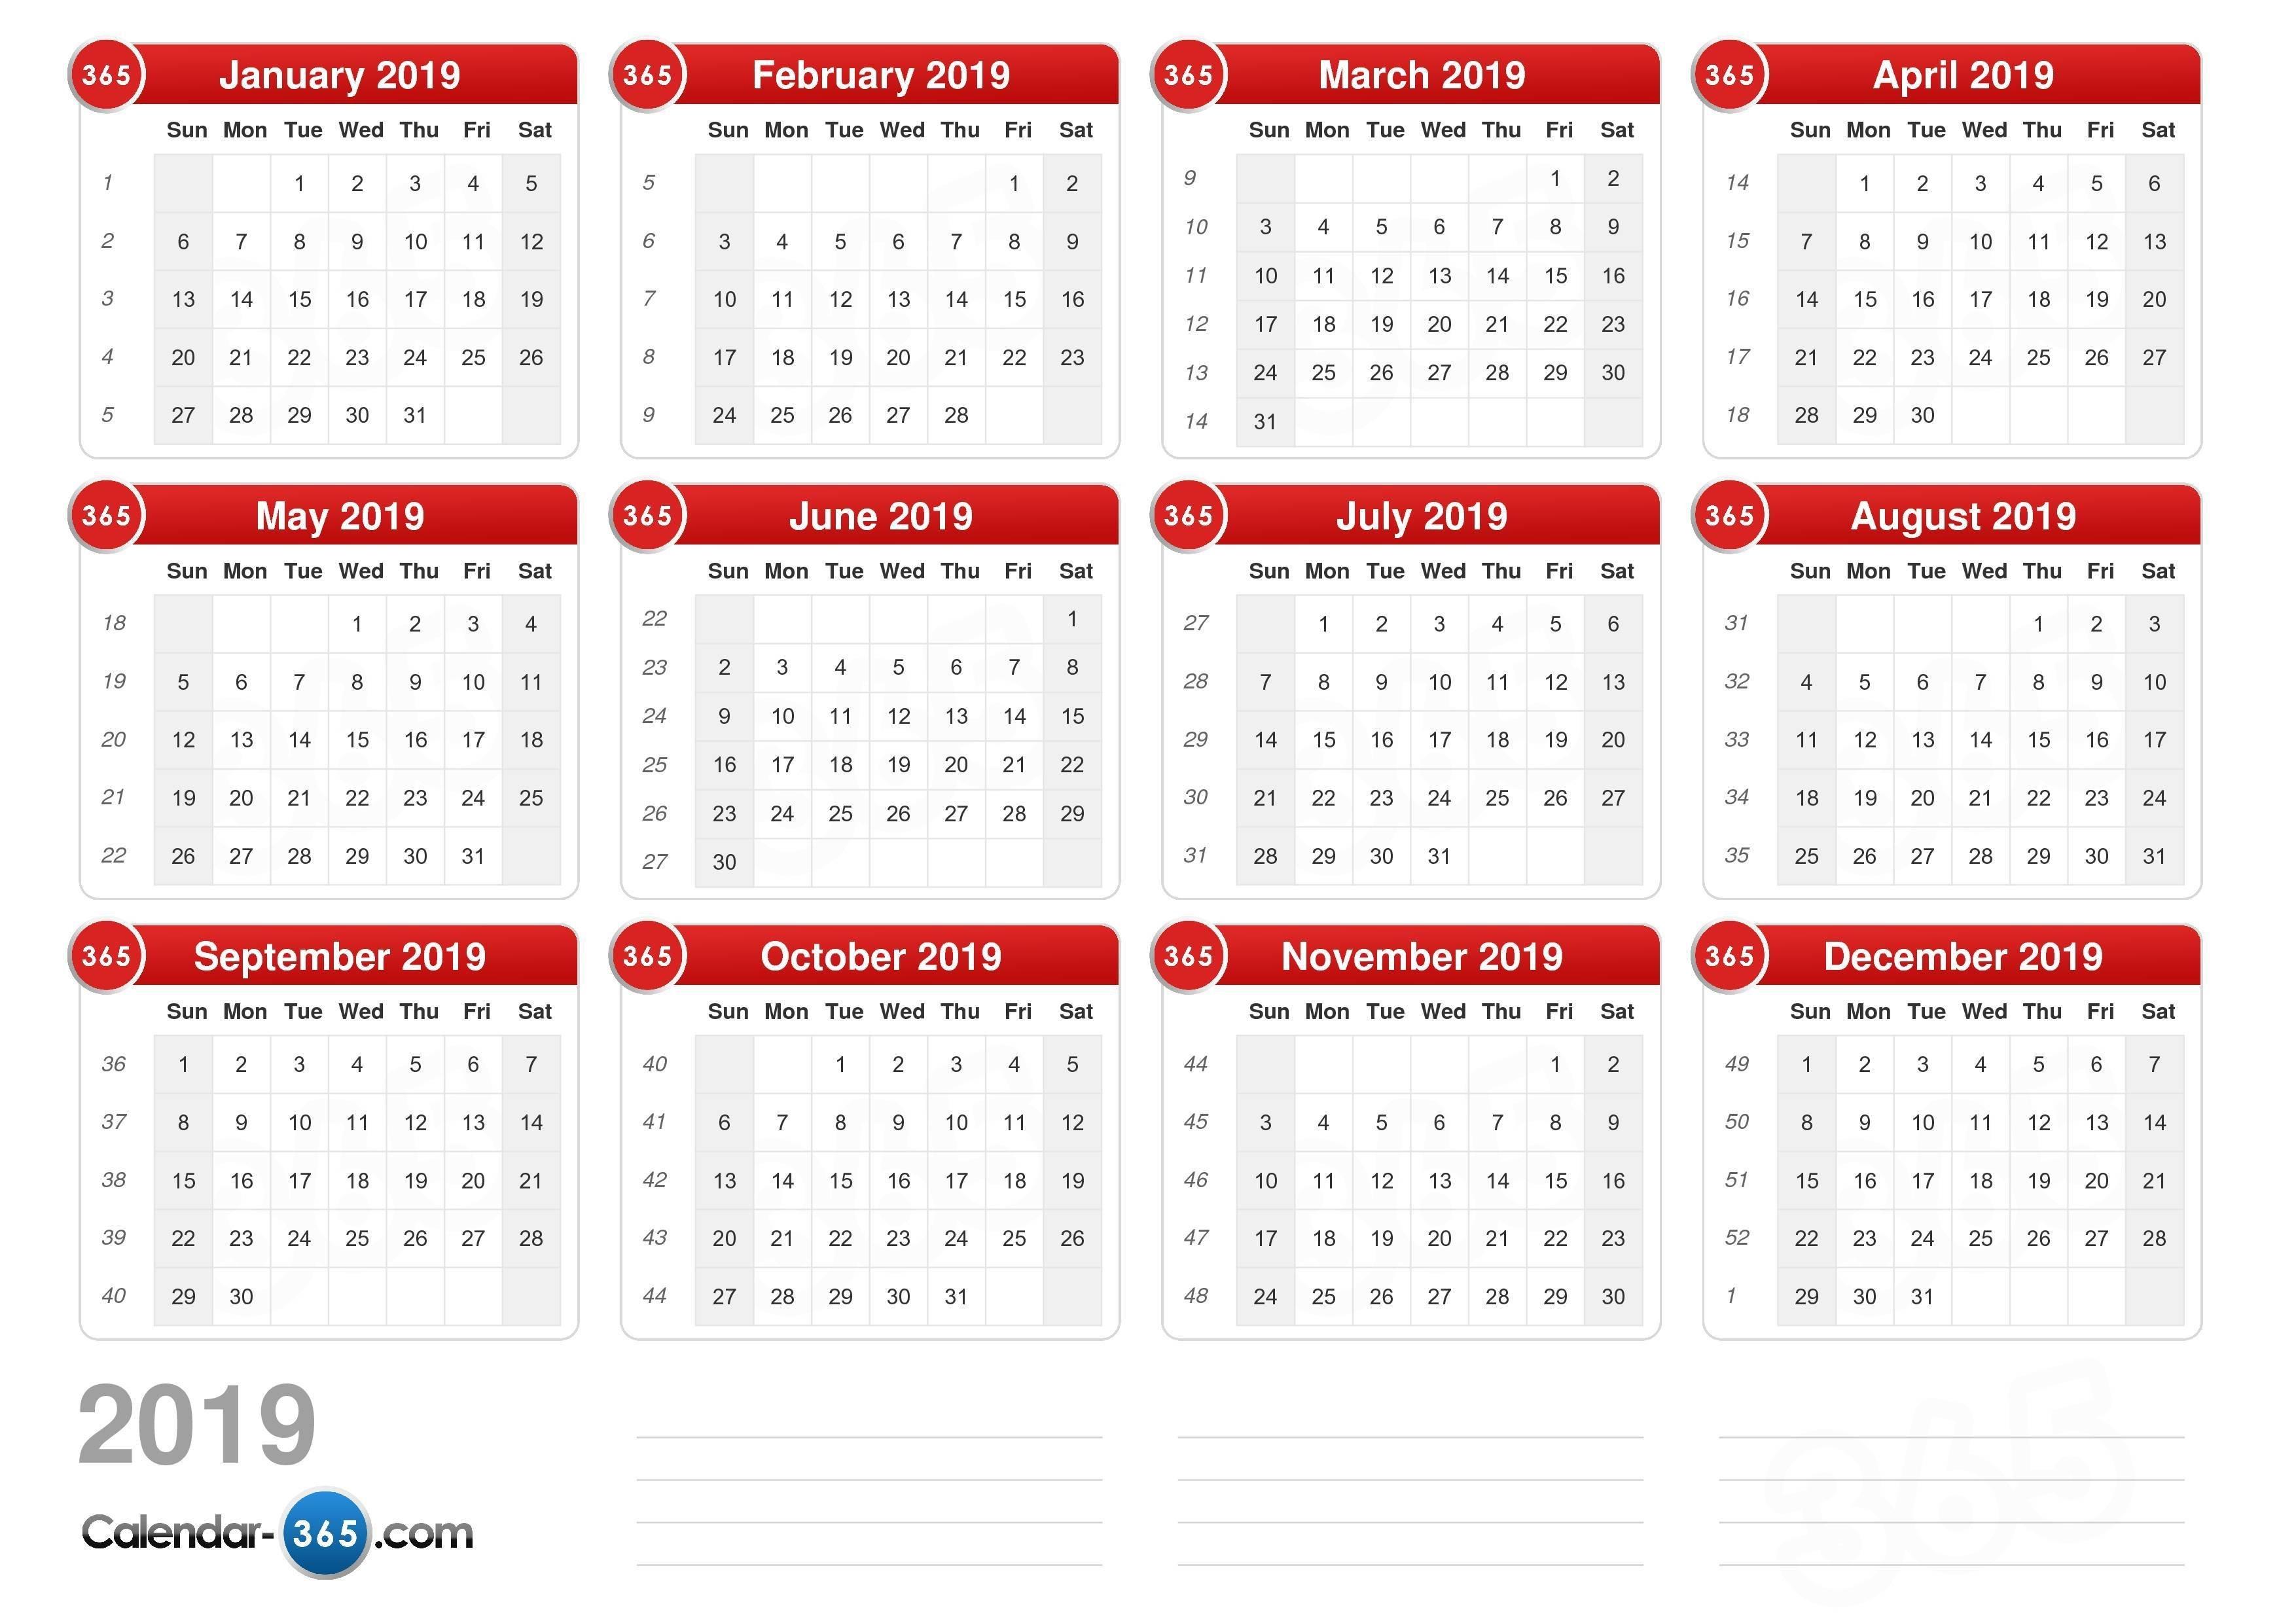 2019 Calendar Week 1 Calendar 2019